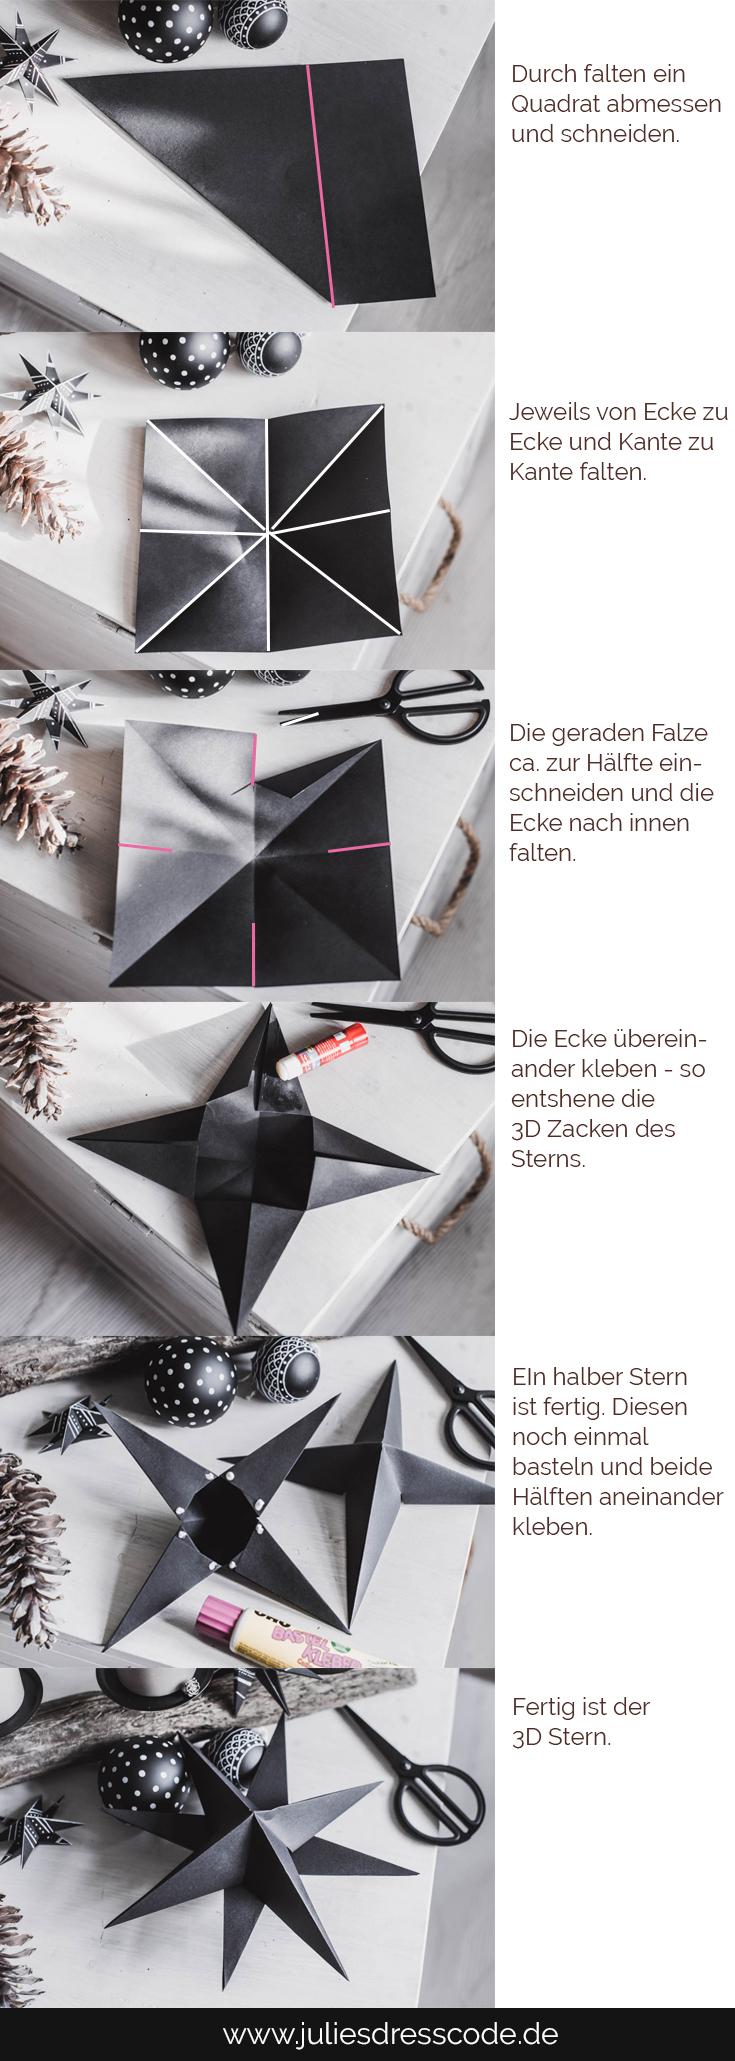 Schneller DIY Adventskranz aus Schwemmholz Julies Dresscode Fashion & Lifestyle Blog